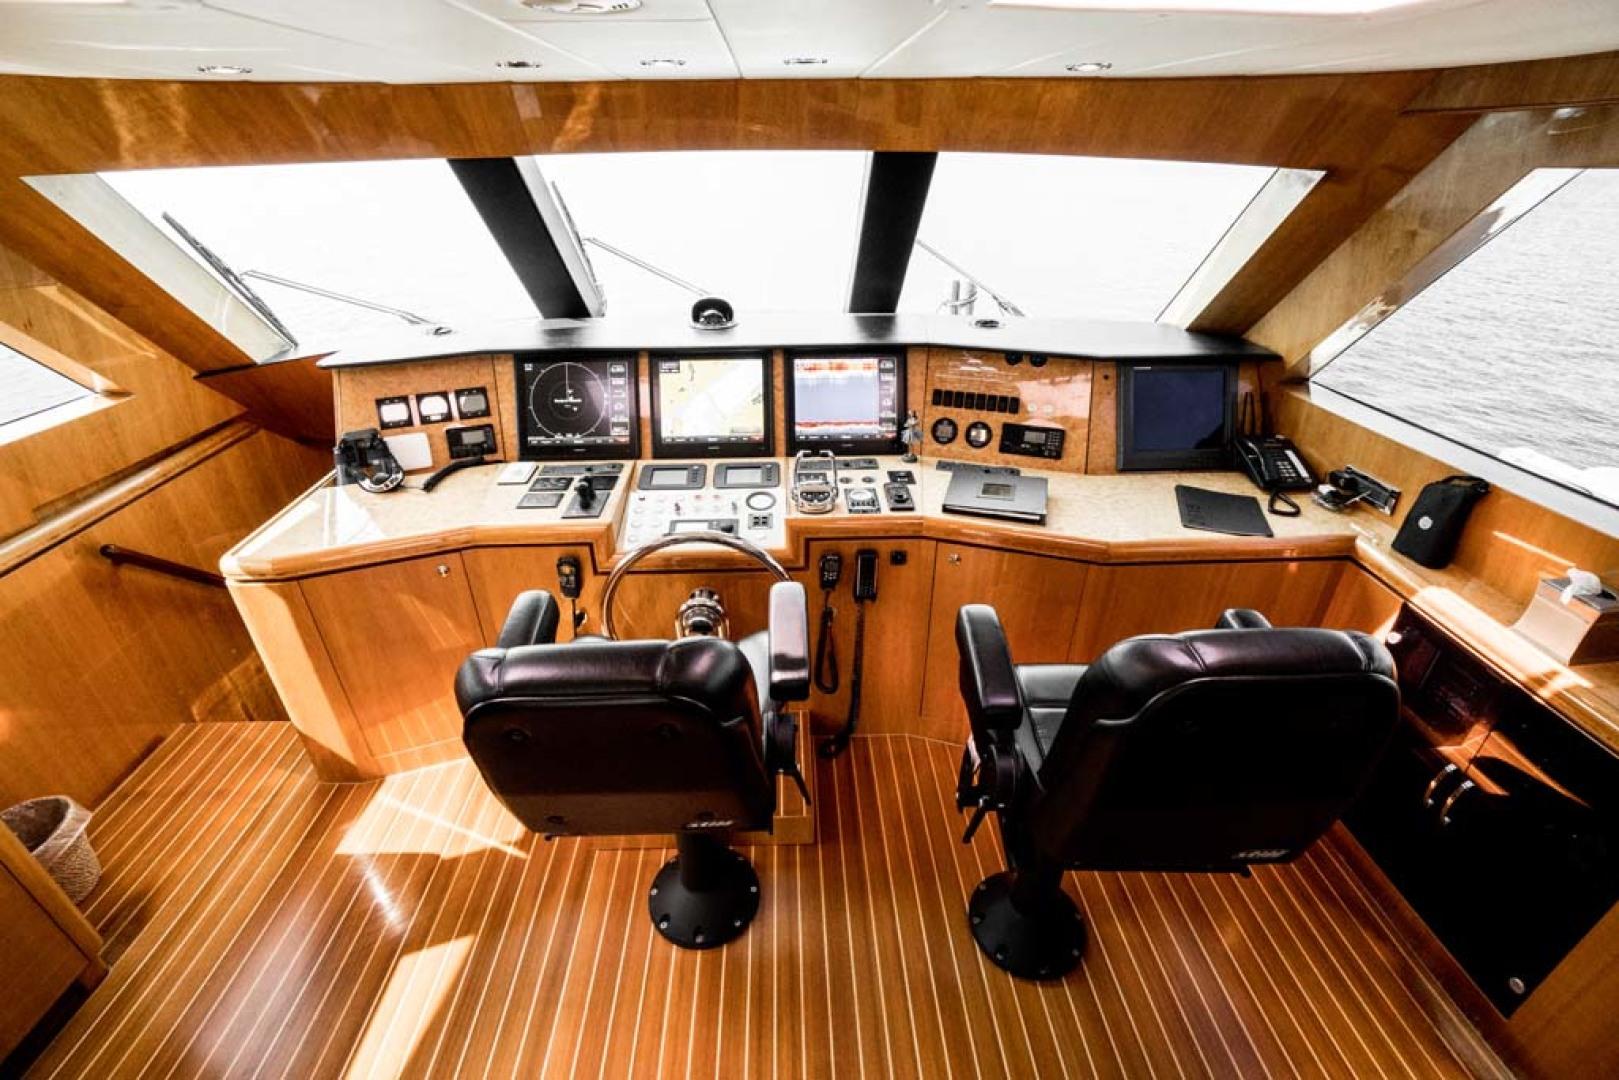 Horizon-Cockpit-Motor-Yacht-2008-Liberation-Stuart-Florida-United-States-Pilothouse-Helm-1075335